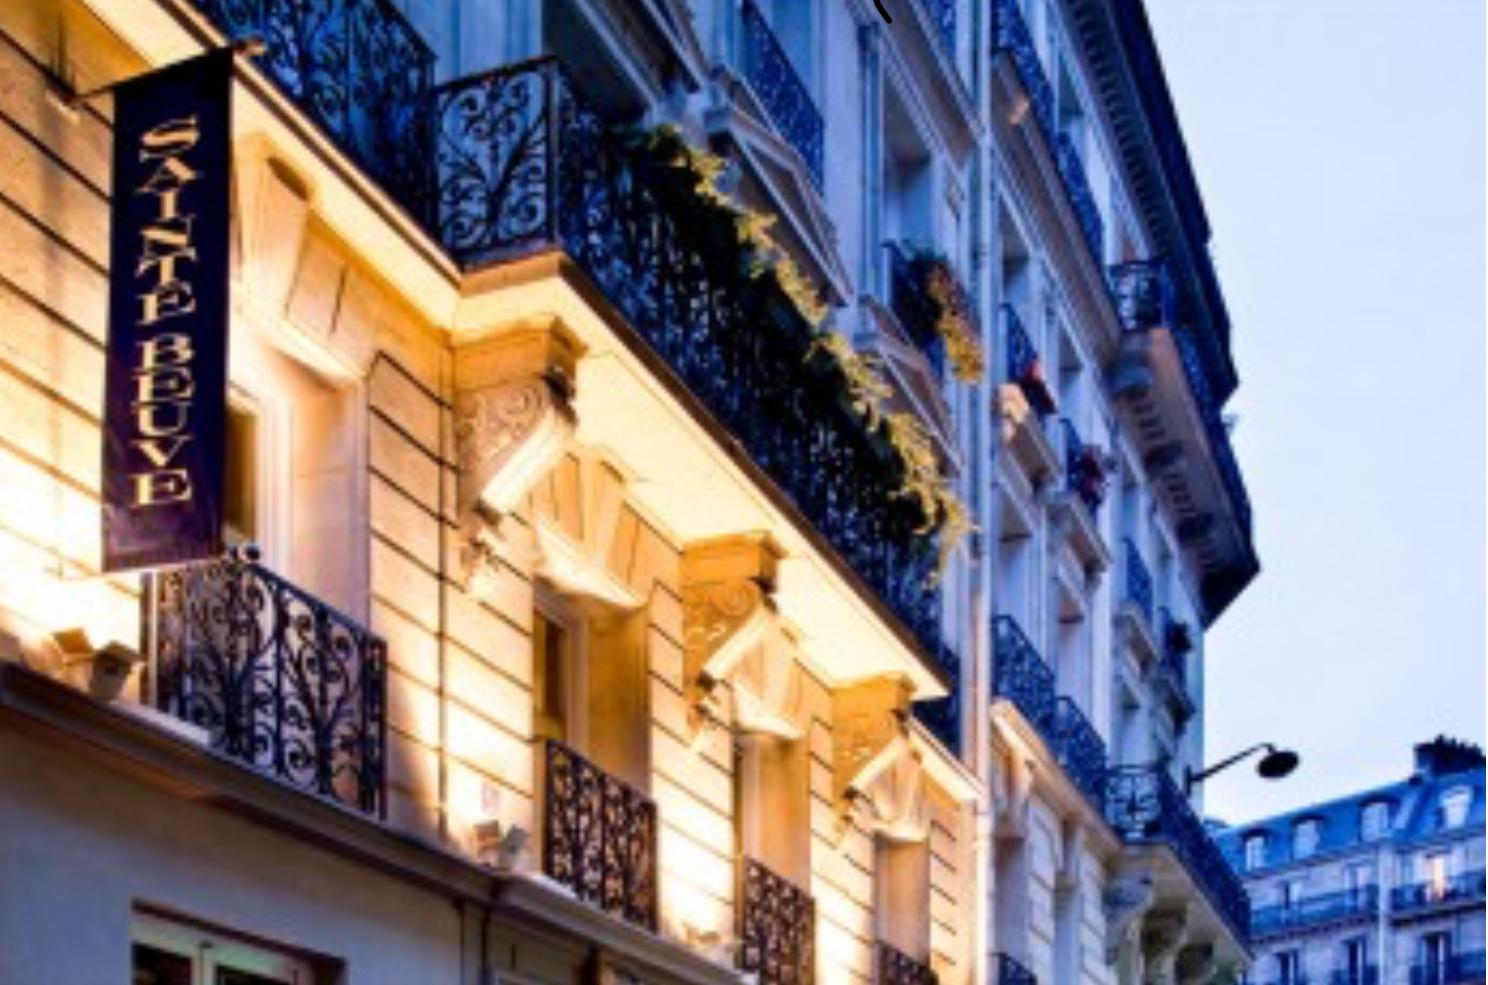 Hotel Sainte-Beuve - Exterior